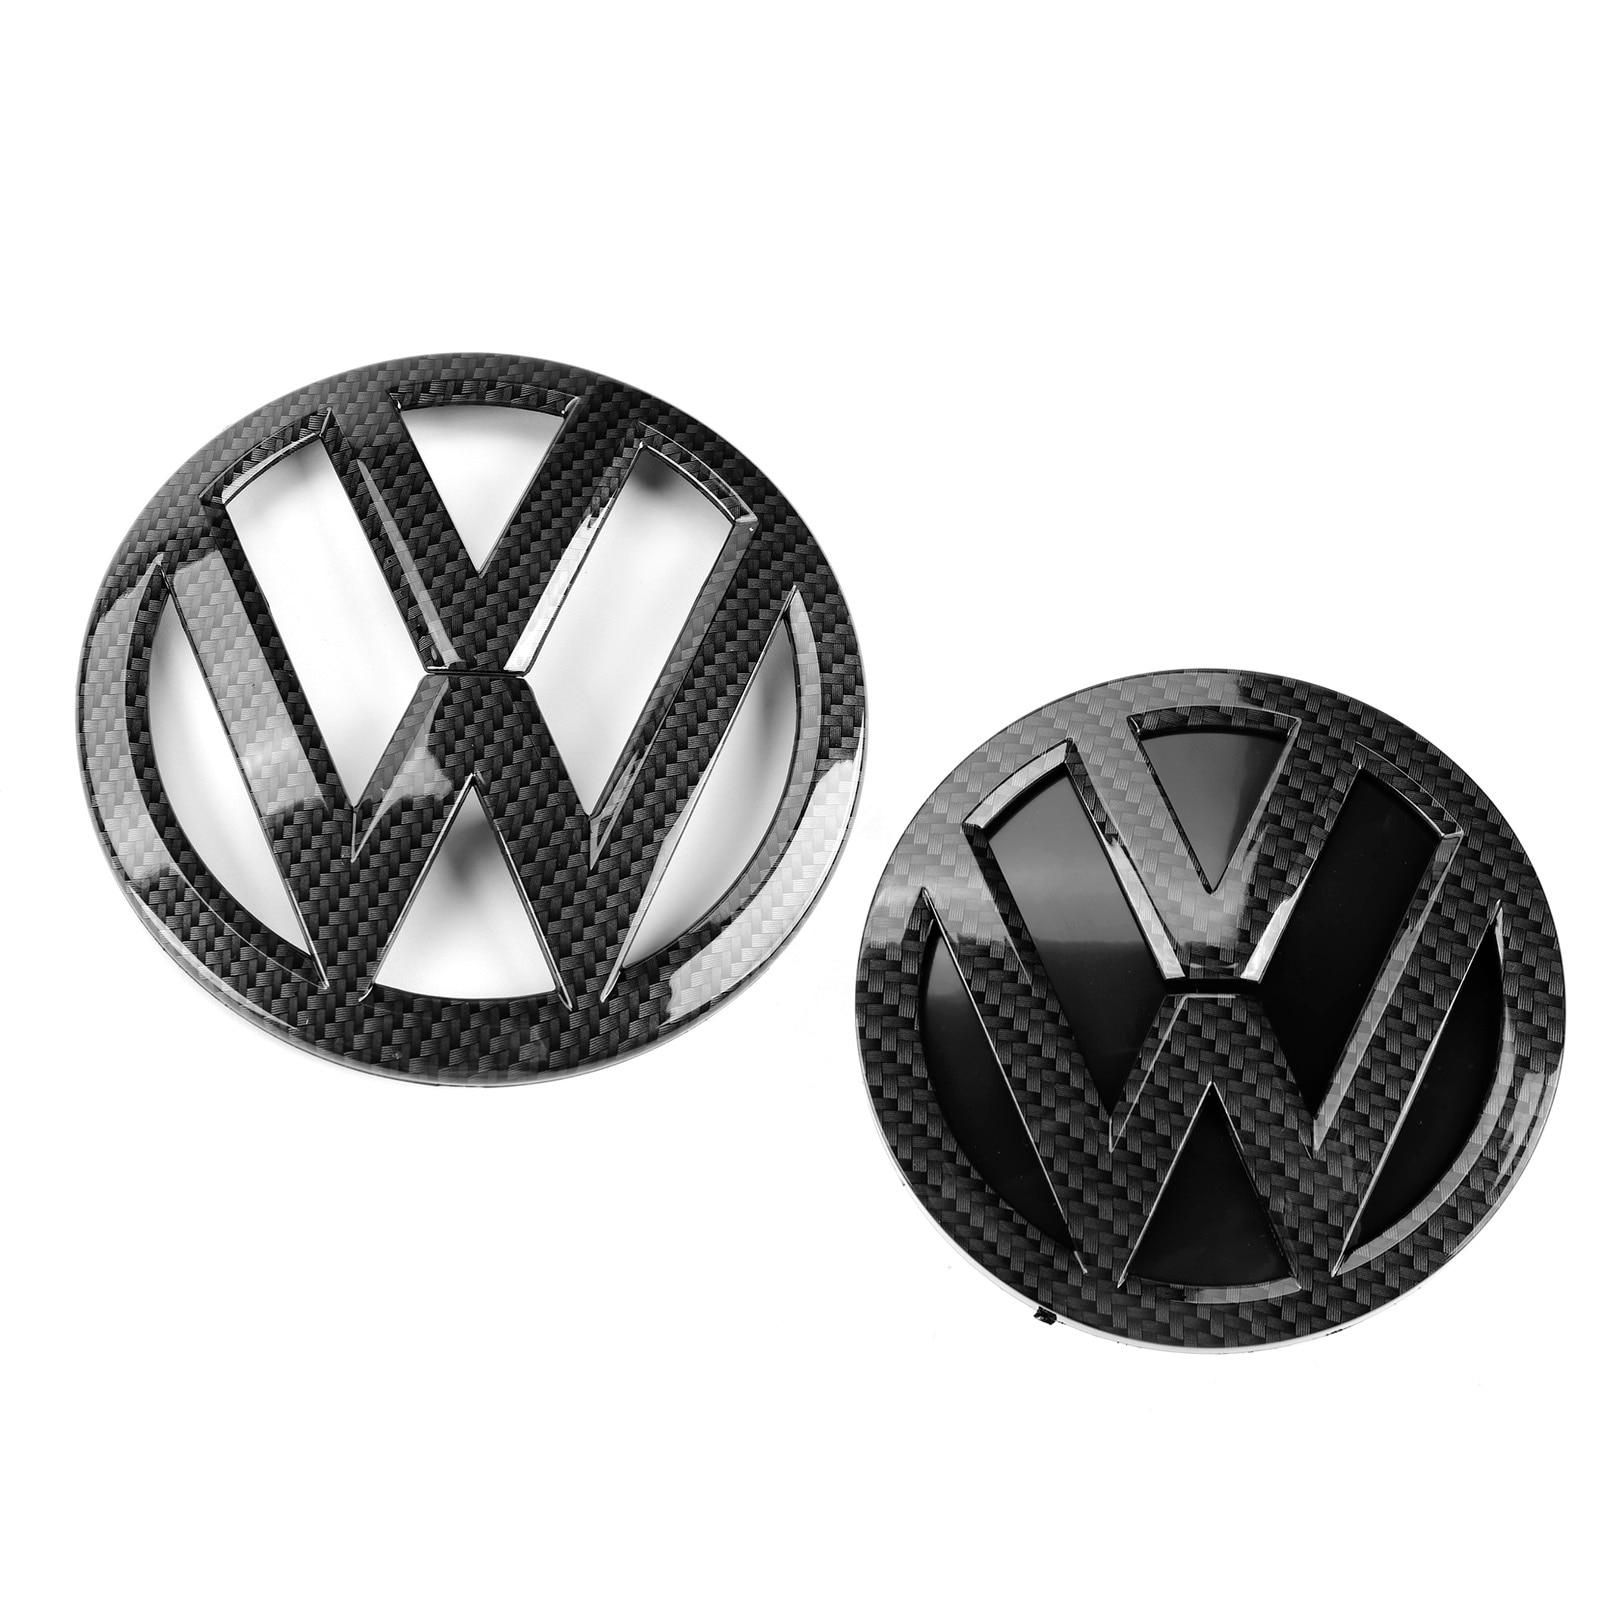 Черный 136 мм передний значок на гриль из углеродного волокна + 112 мм Задняя Крышка багажника эмблема логотип для VW Volkswagen Golf MK7